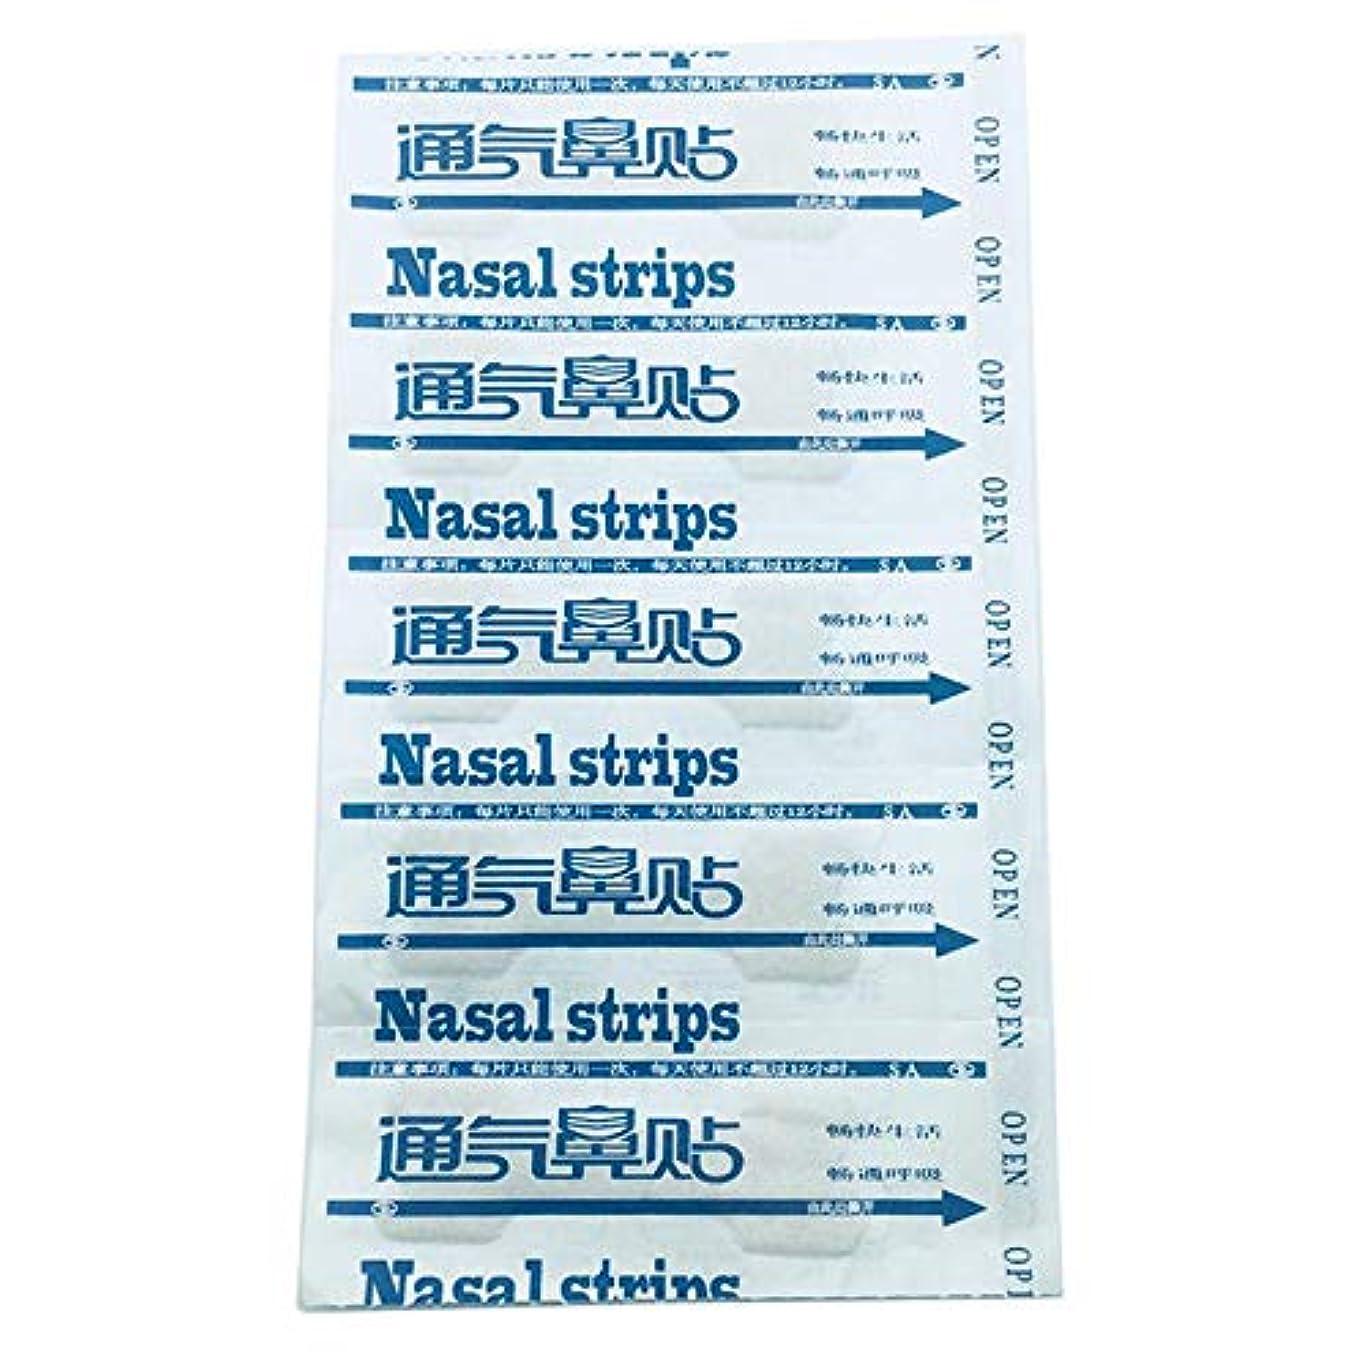 覚えている精査チョコレートNOTE 300ピース簡単睡眠抗いびき鼻ストリップ停止いびき簡単に良い息いびきストッパーストリップ鼻パッチ